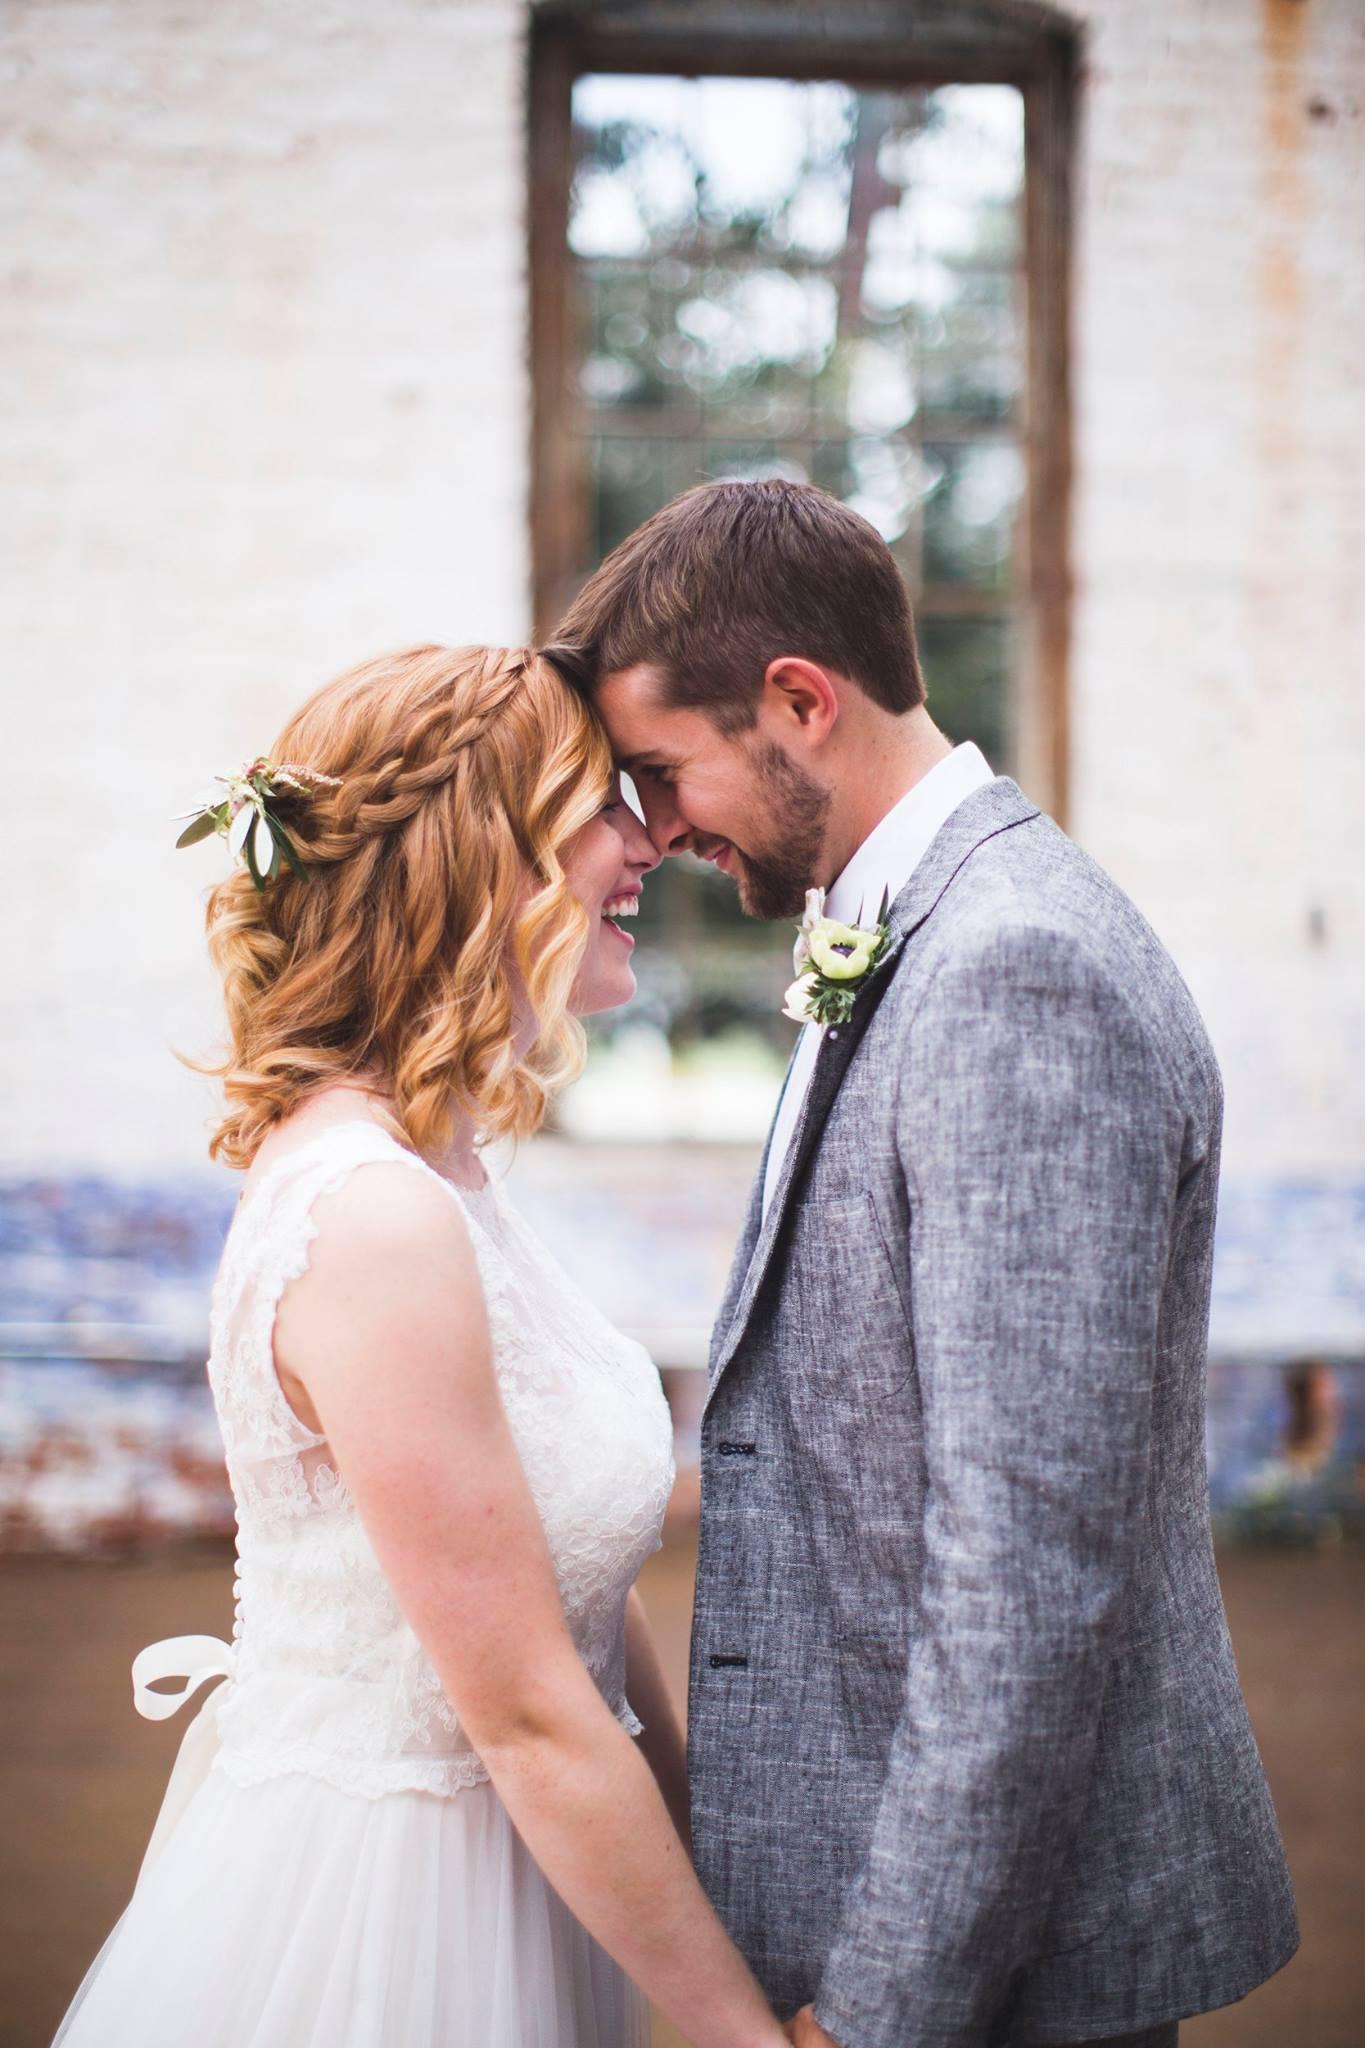 Marriage, covenant, Atlanta weddings, Atlanta wedding planner, Atlanta wedding coordinator, Nashville weddings, Nashville wedding planner, Nashville wedding coordinator